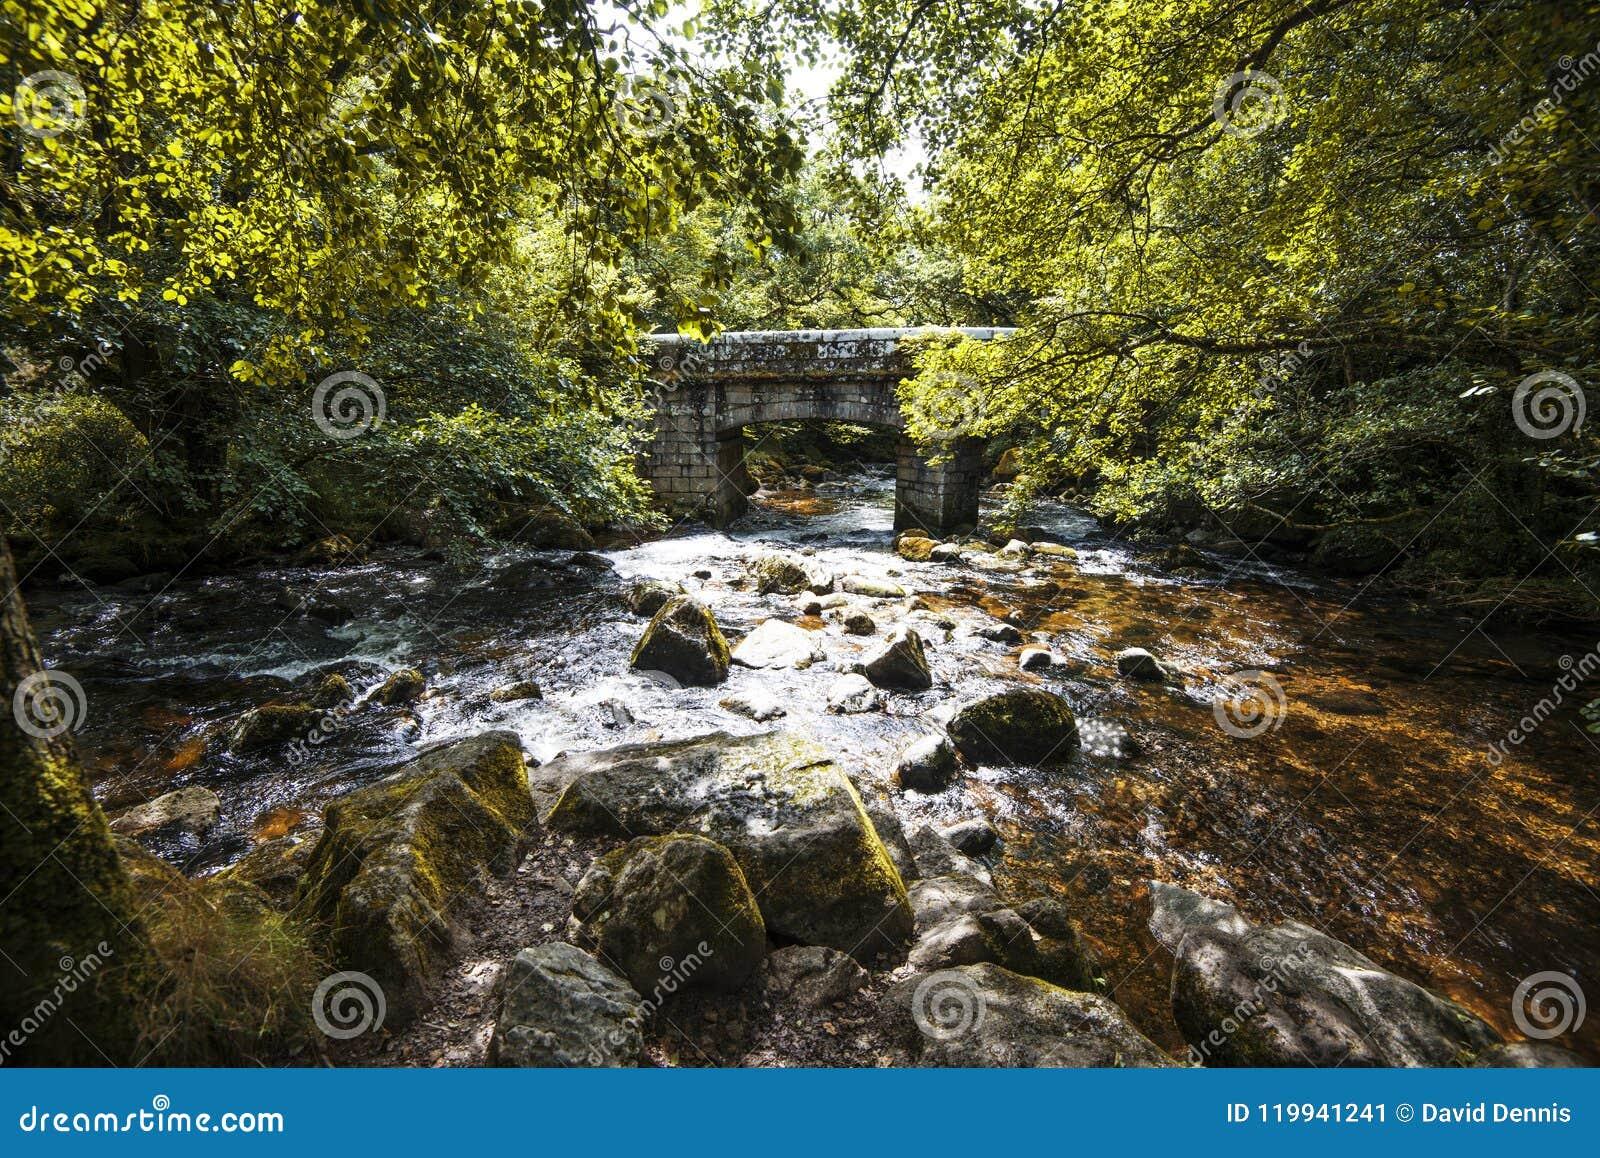 Ausgezeichnete Waldlandschaft in Dewerstone-Holz auf dem Südrand von Dartmoor, Devon, England